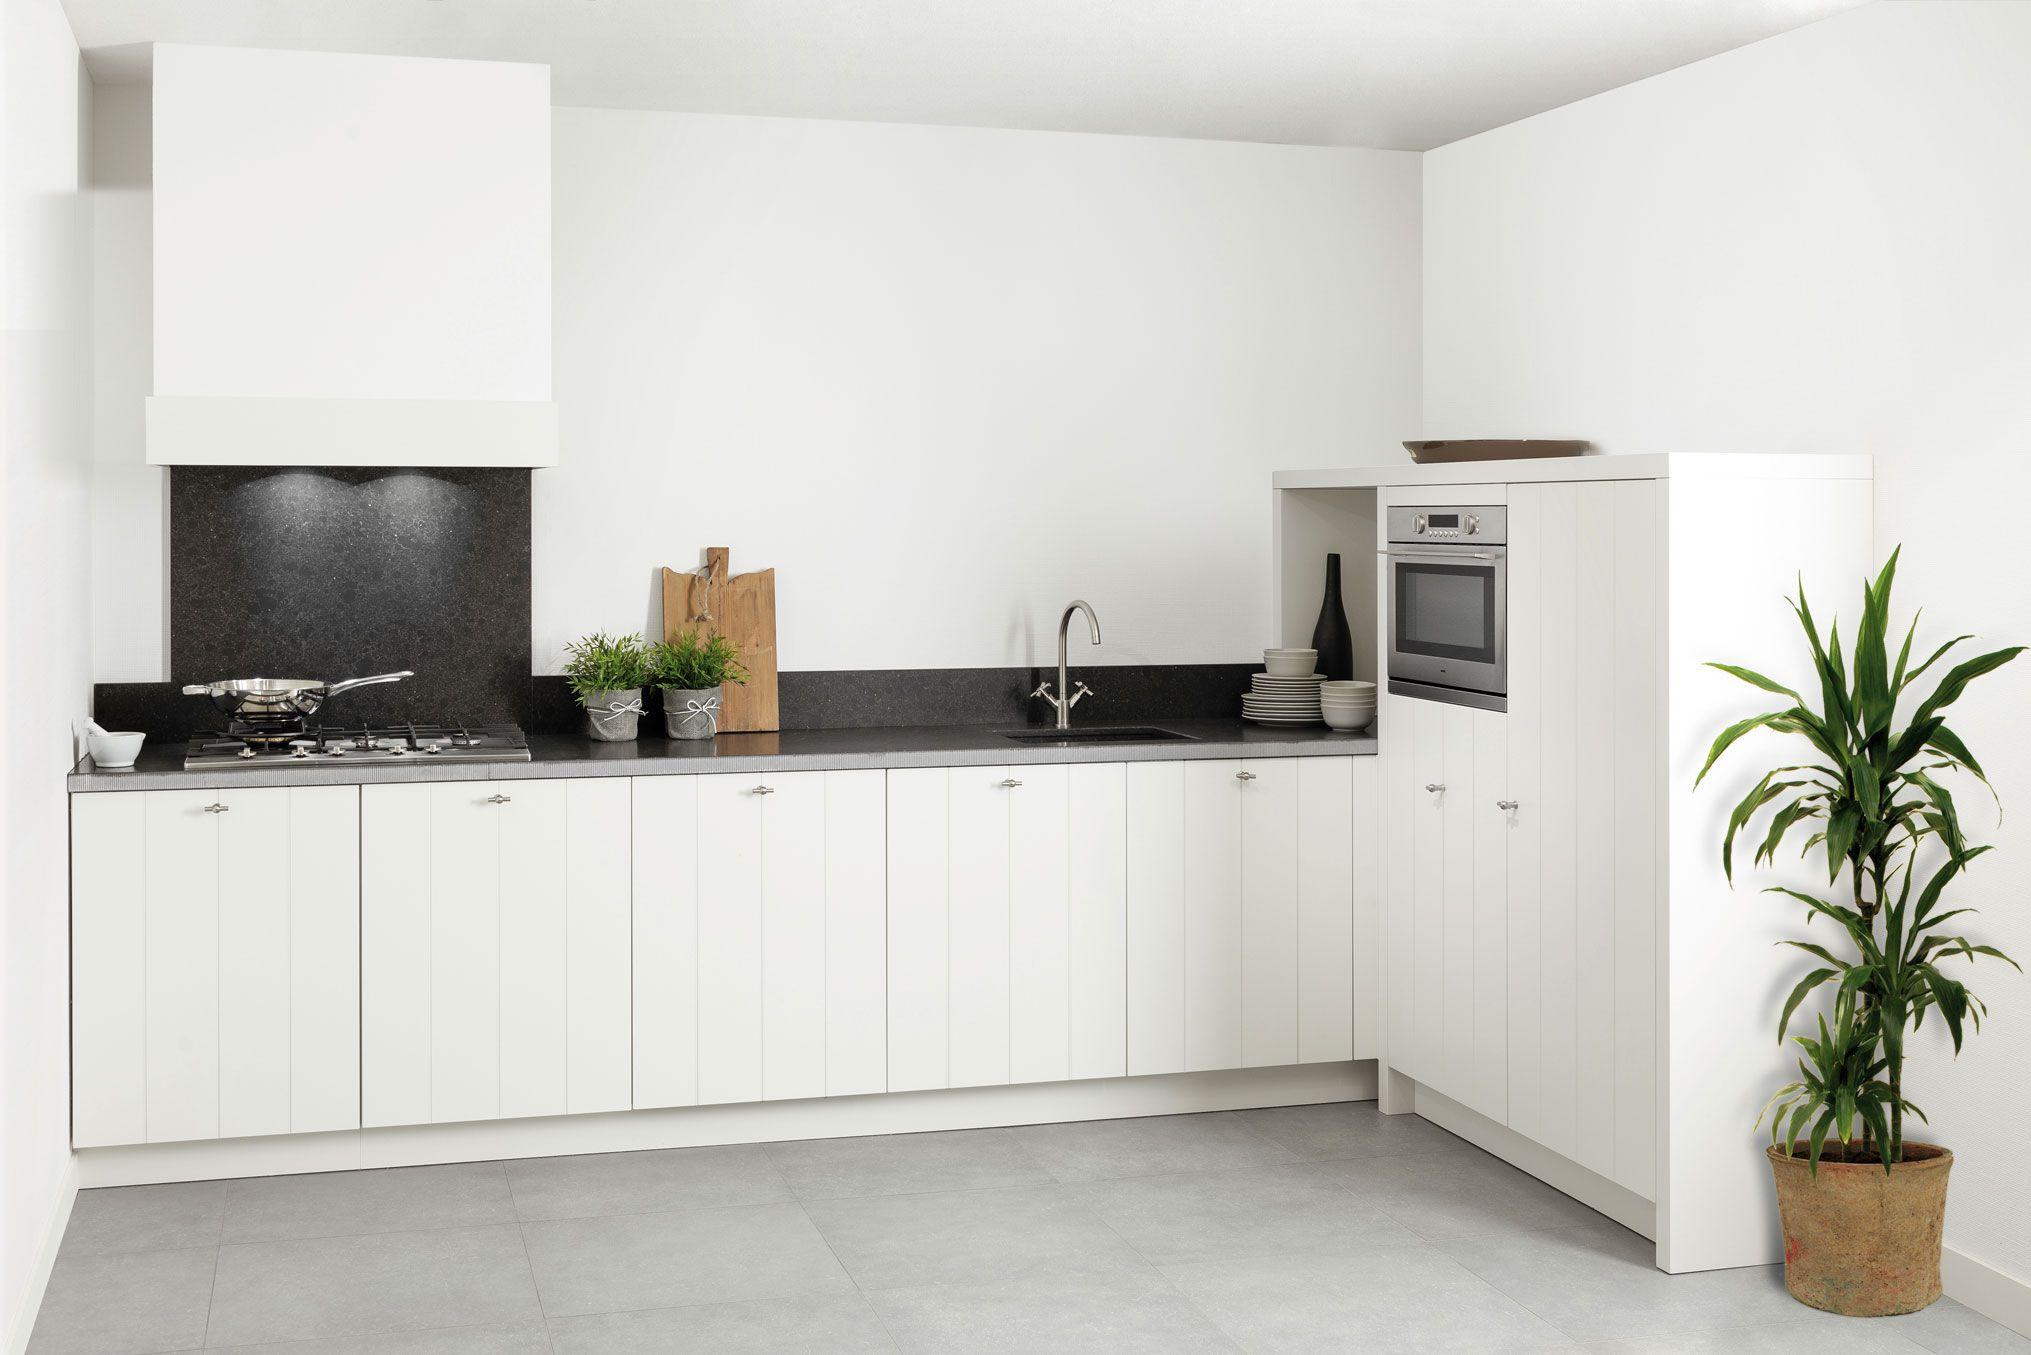 Grando Keukens Zaandam : Grando keukens ontwerp uw keuken tokyoughoul re kousatu netabare